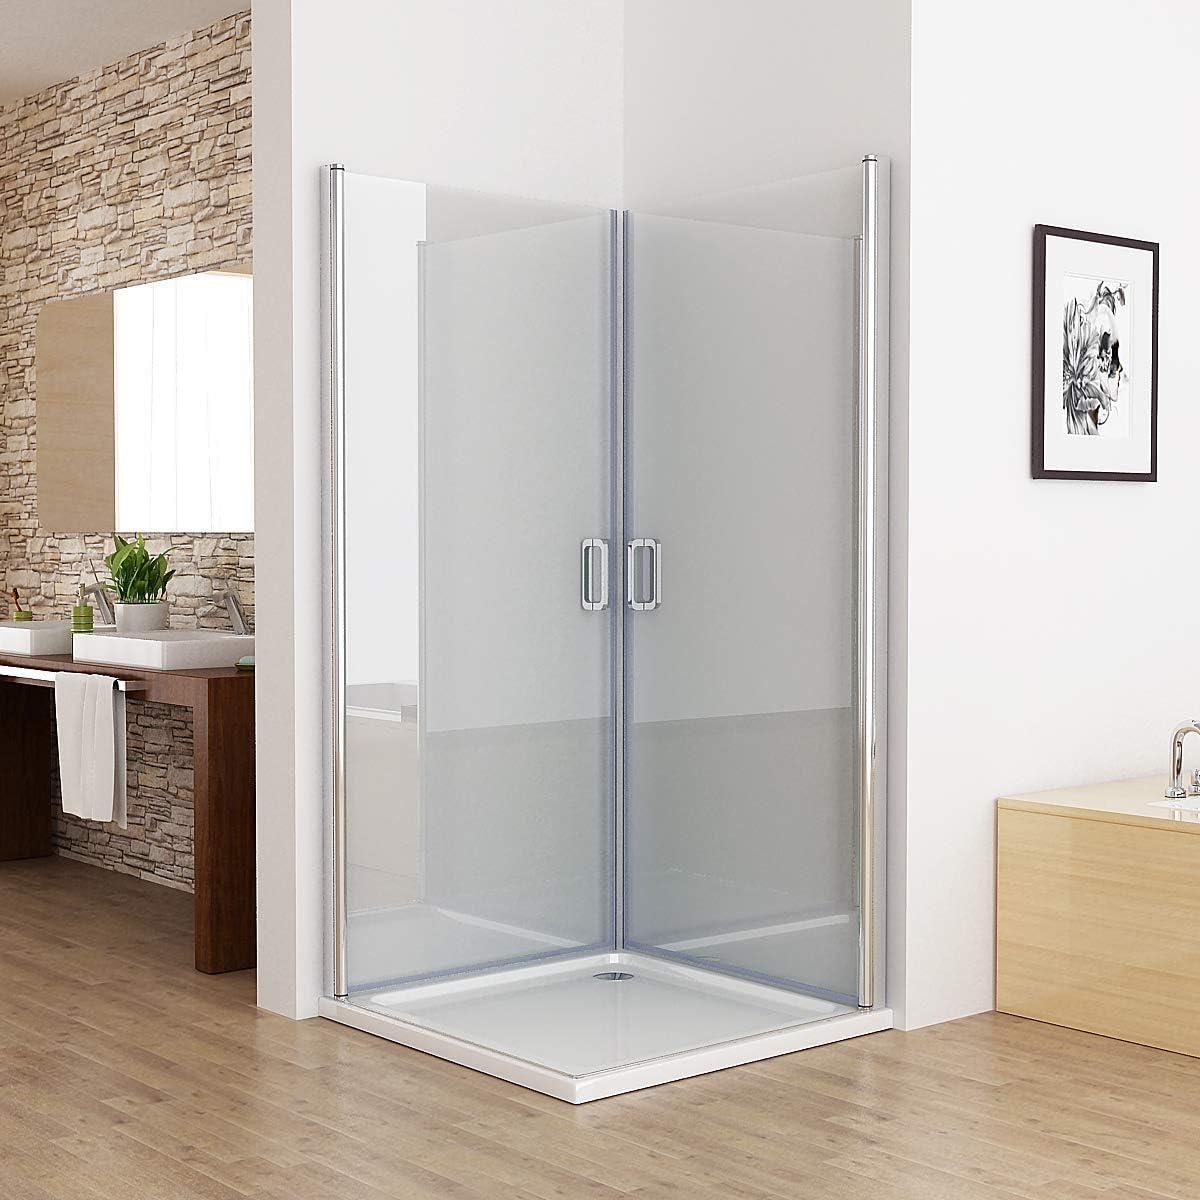 Cabina de ducha de esquina de 180°, puerta oscilante, ducha de 6 mm ESG 750 x 750 mm: Amazon.es: Bricolaje y herramientas